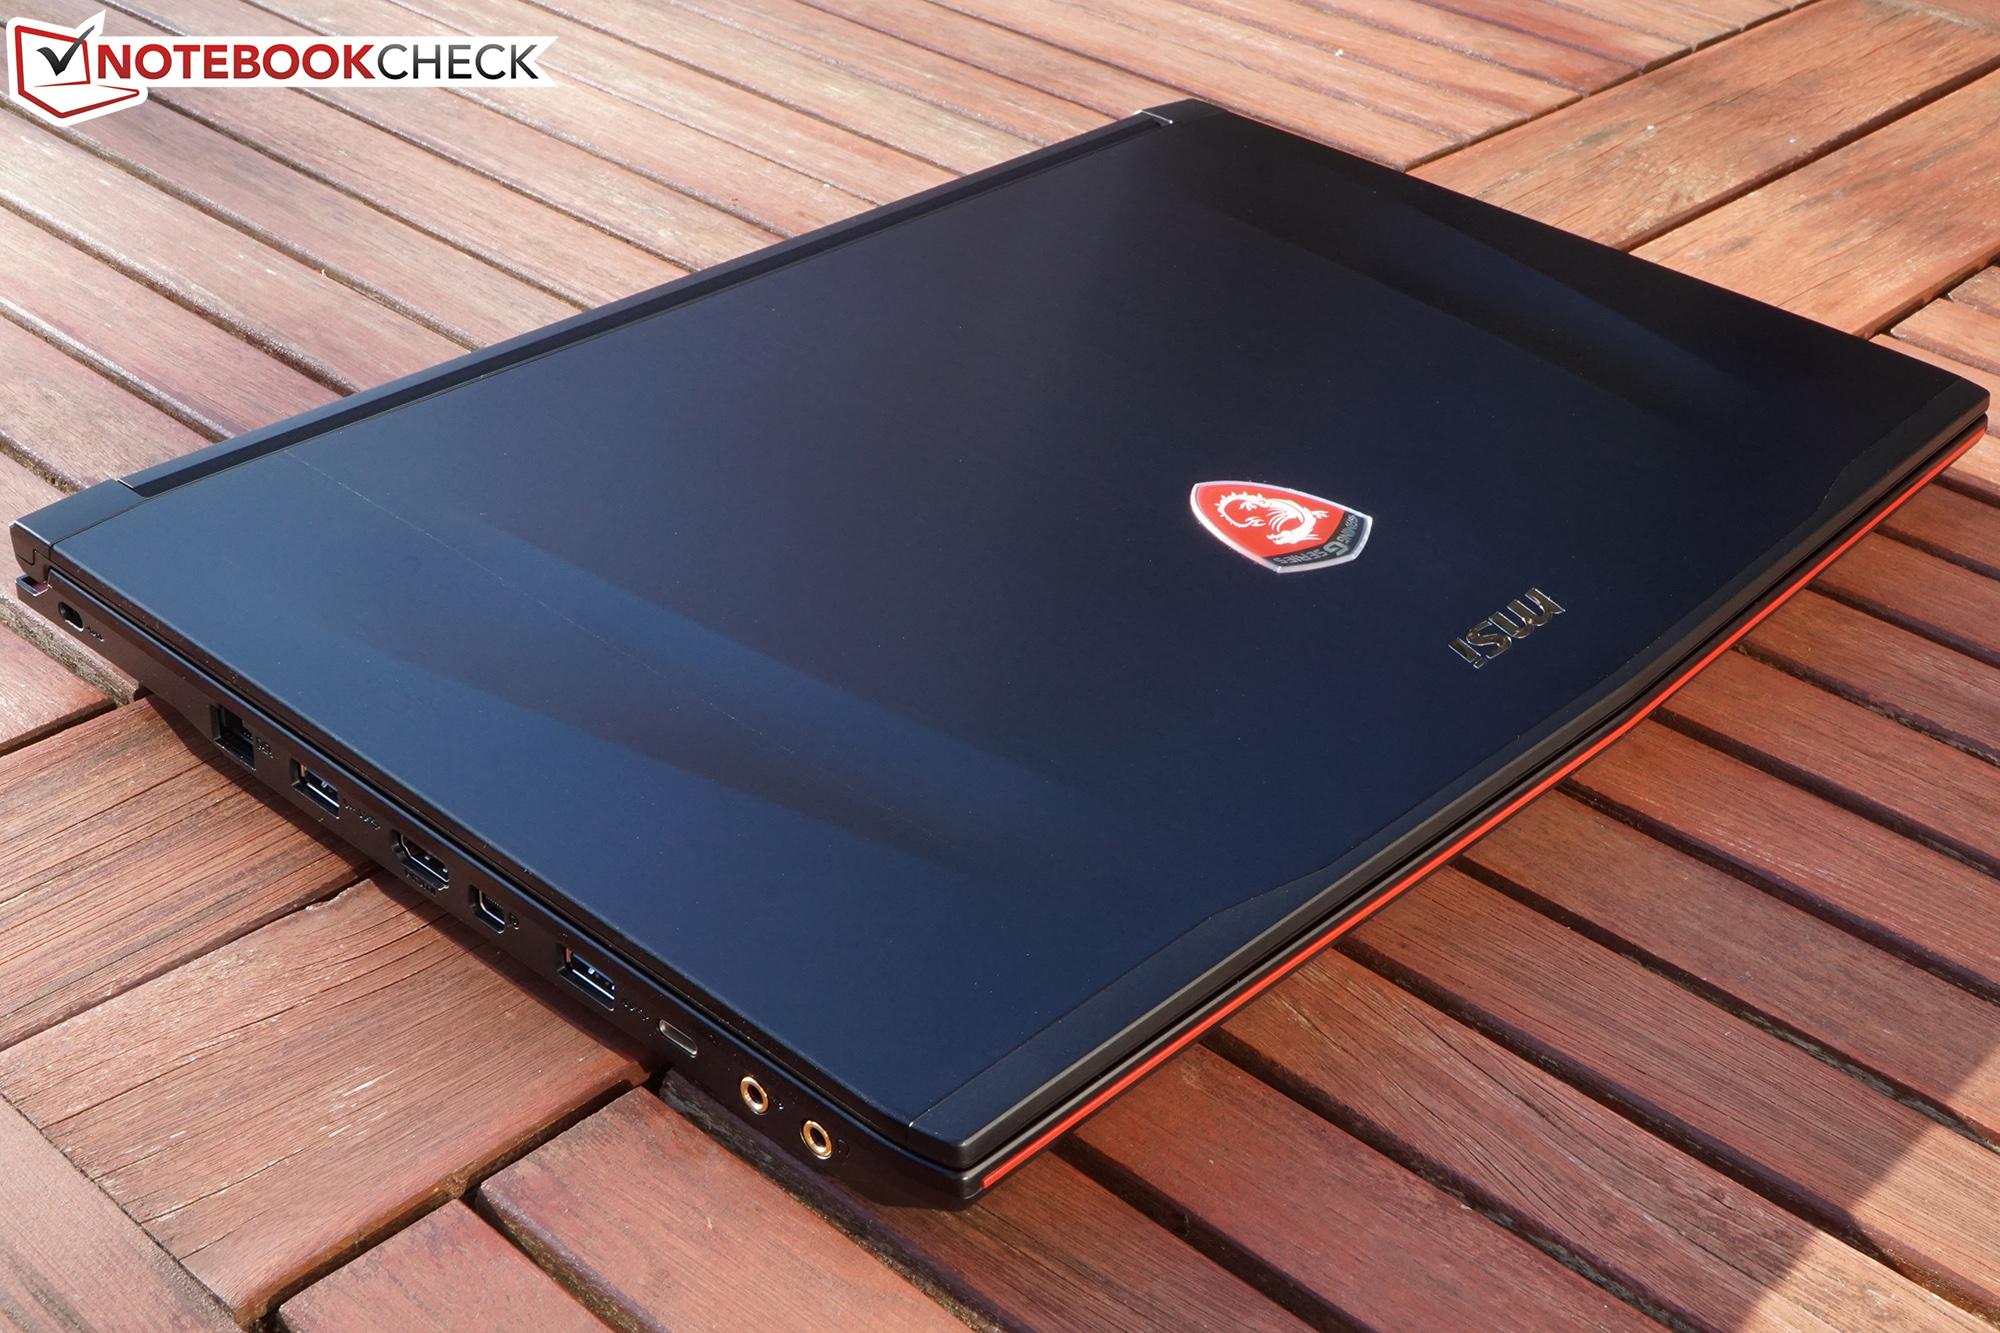 Courte critique du PC portable MSI GE62 6QD Apache Pro - Notebookcheck.fr